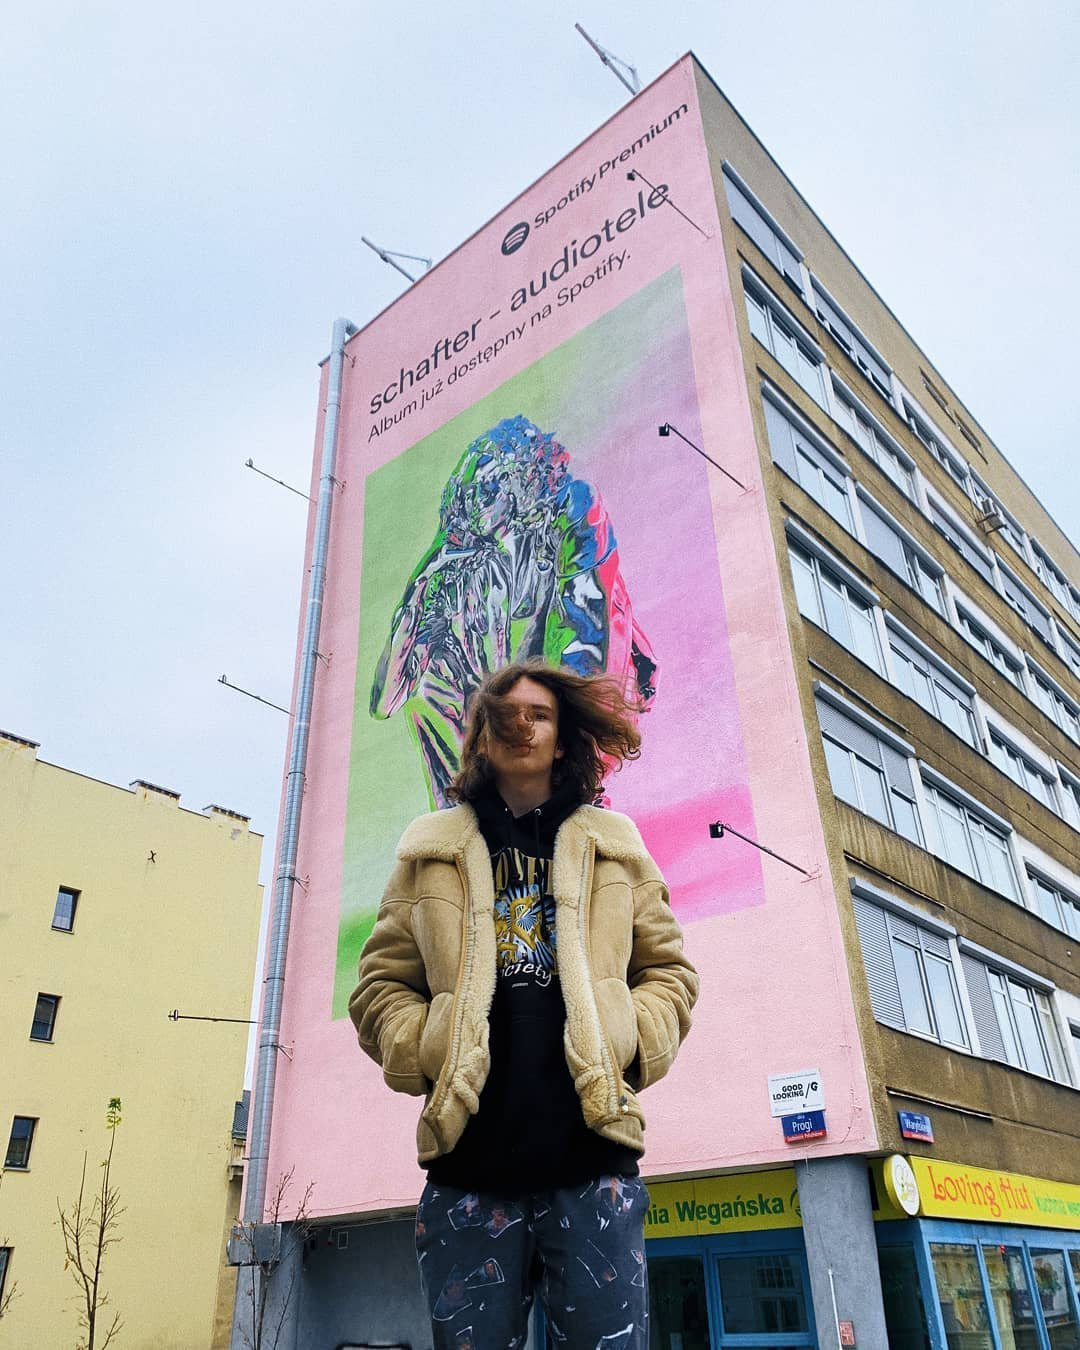 młody chłopak na tle bloku z muralem przedstawiającym okładkę jego płyty